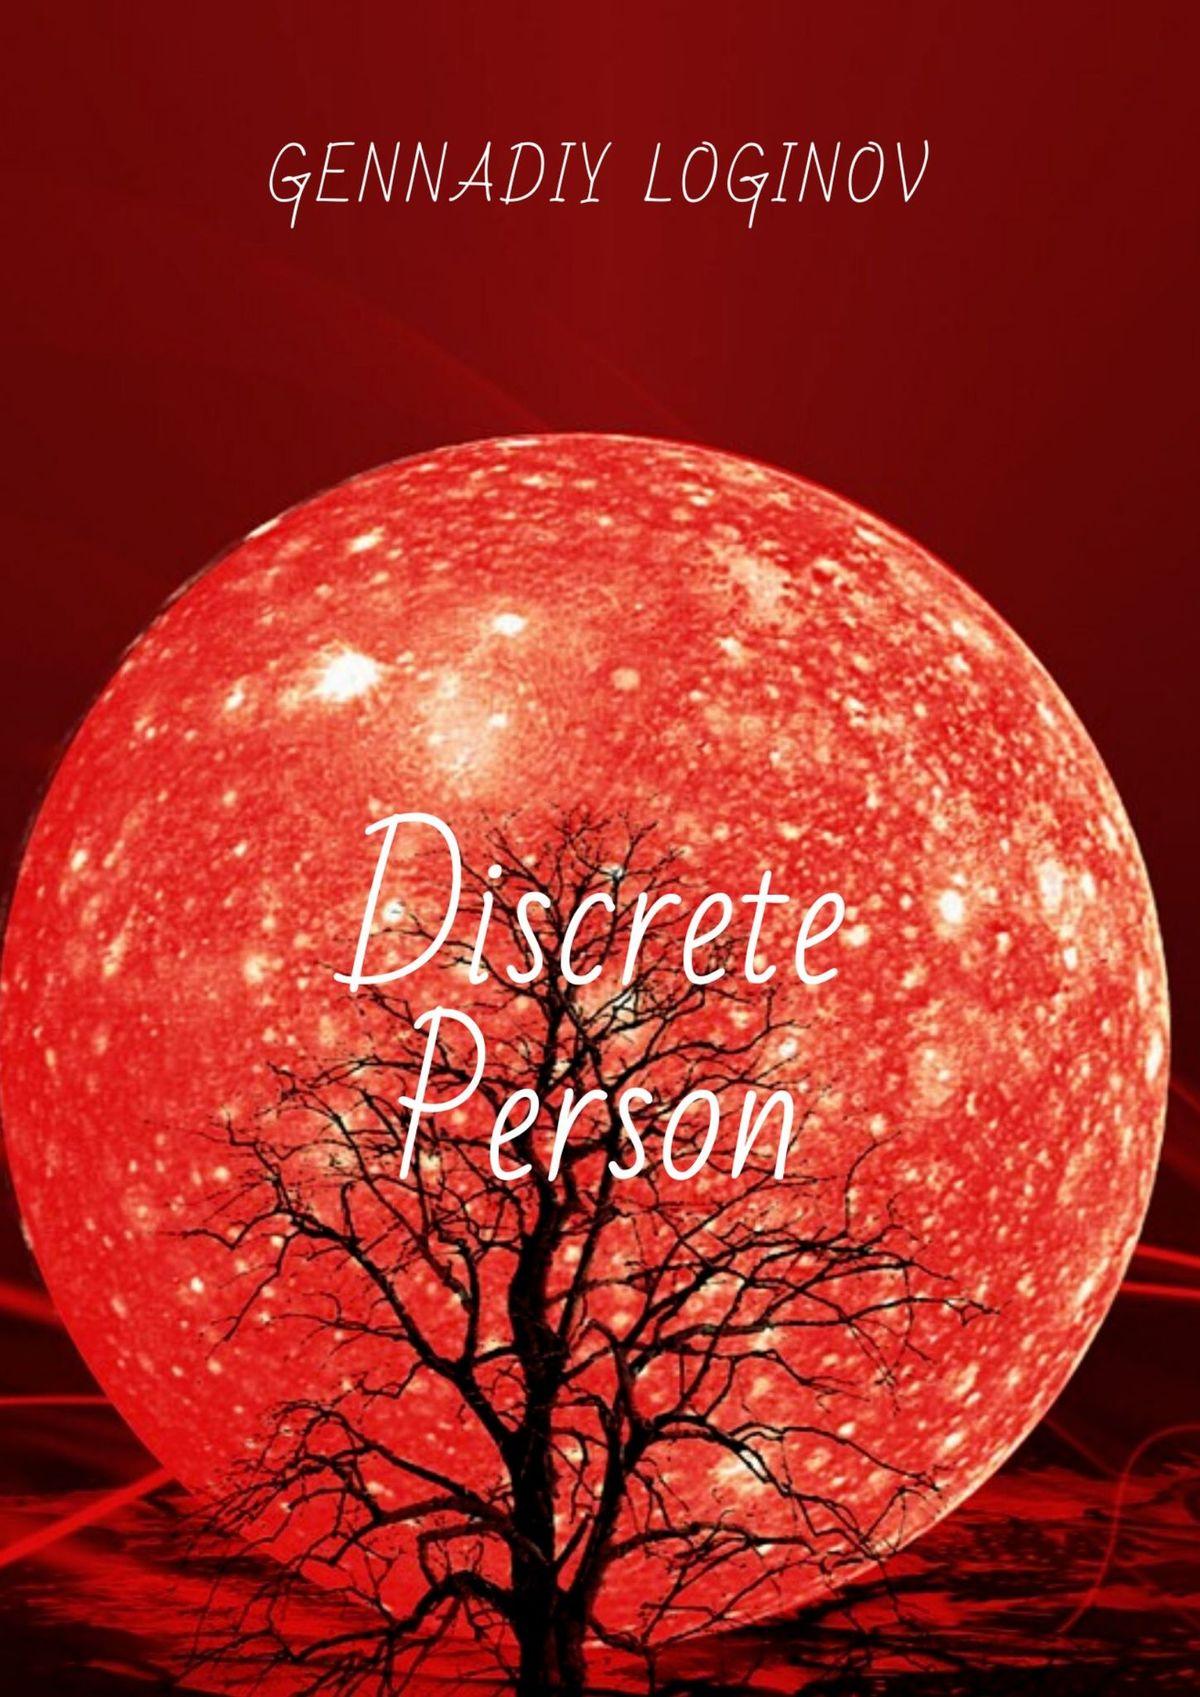 Discrete Person